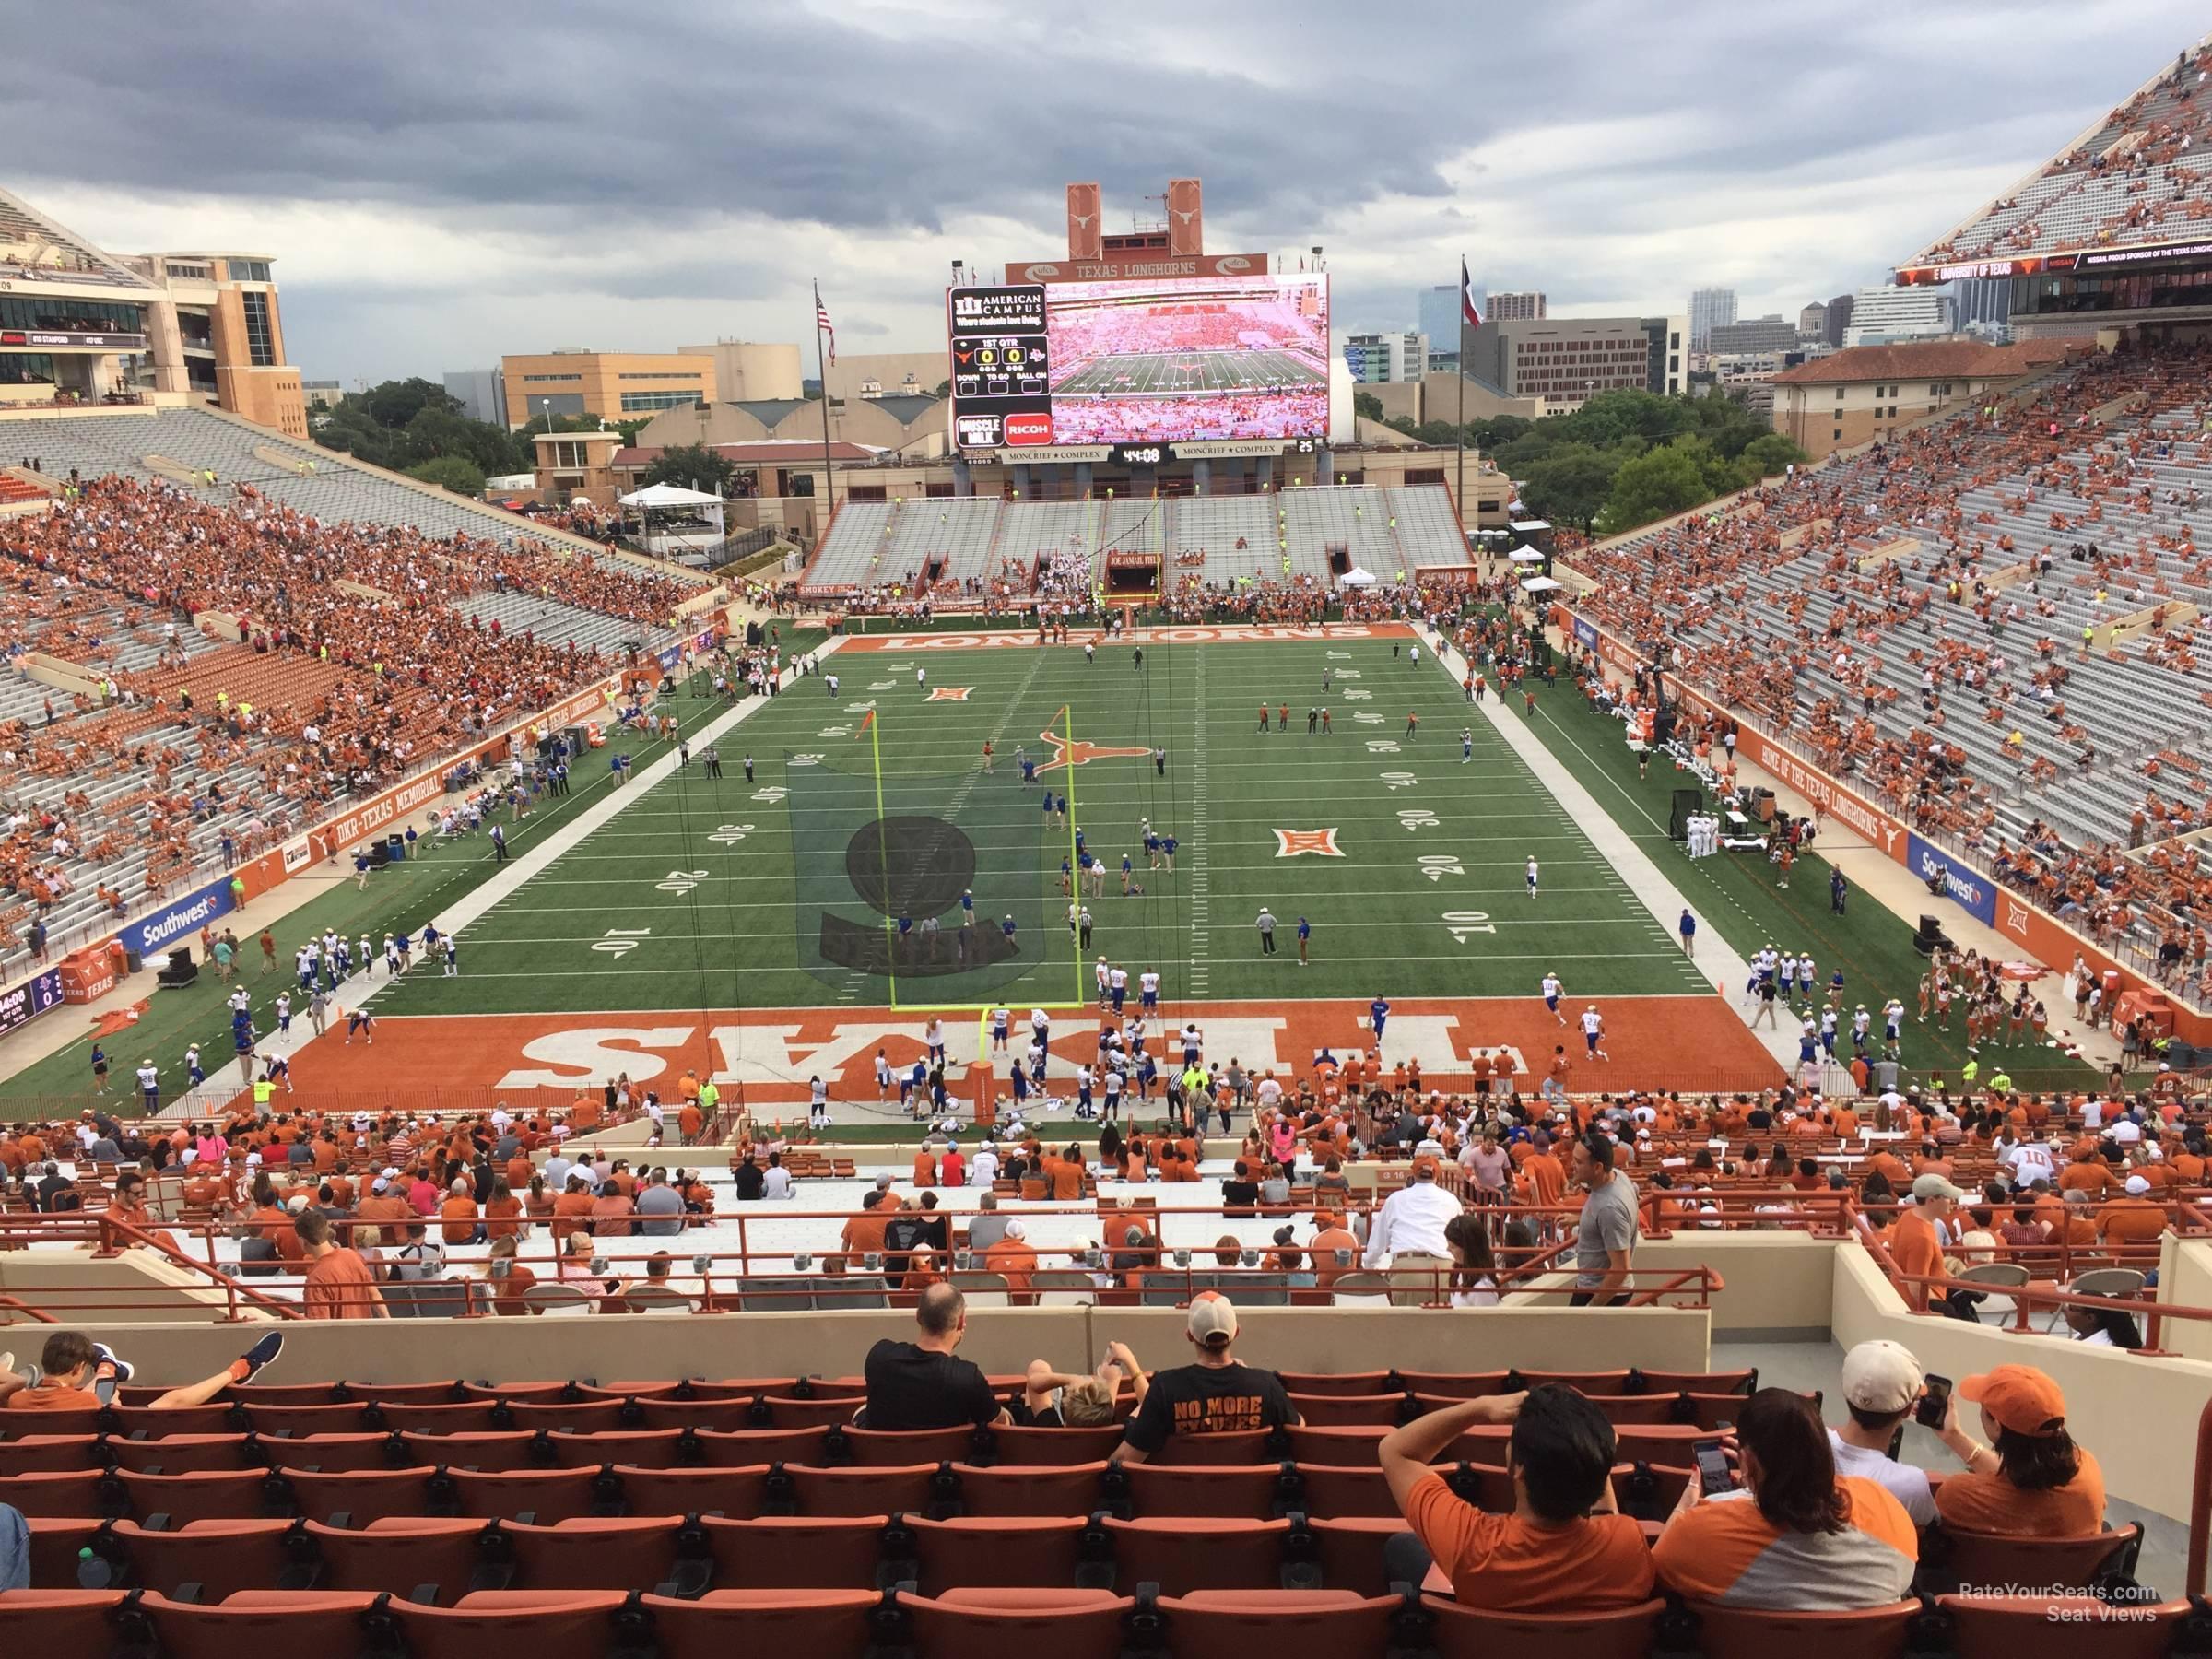 Touchdown Club 16 seat view